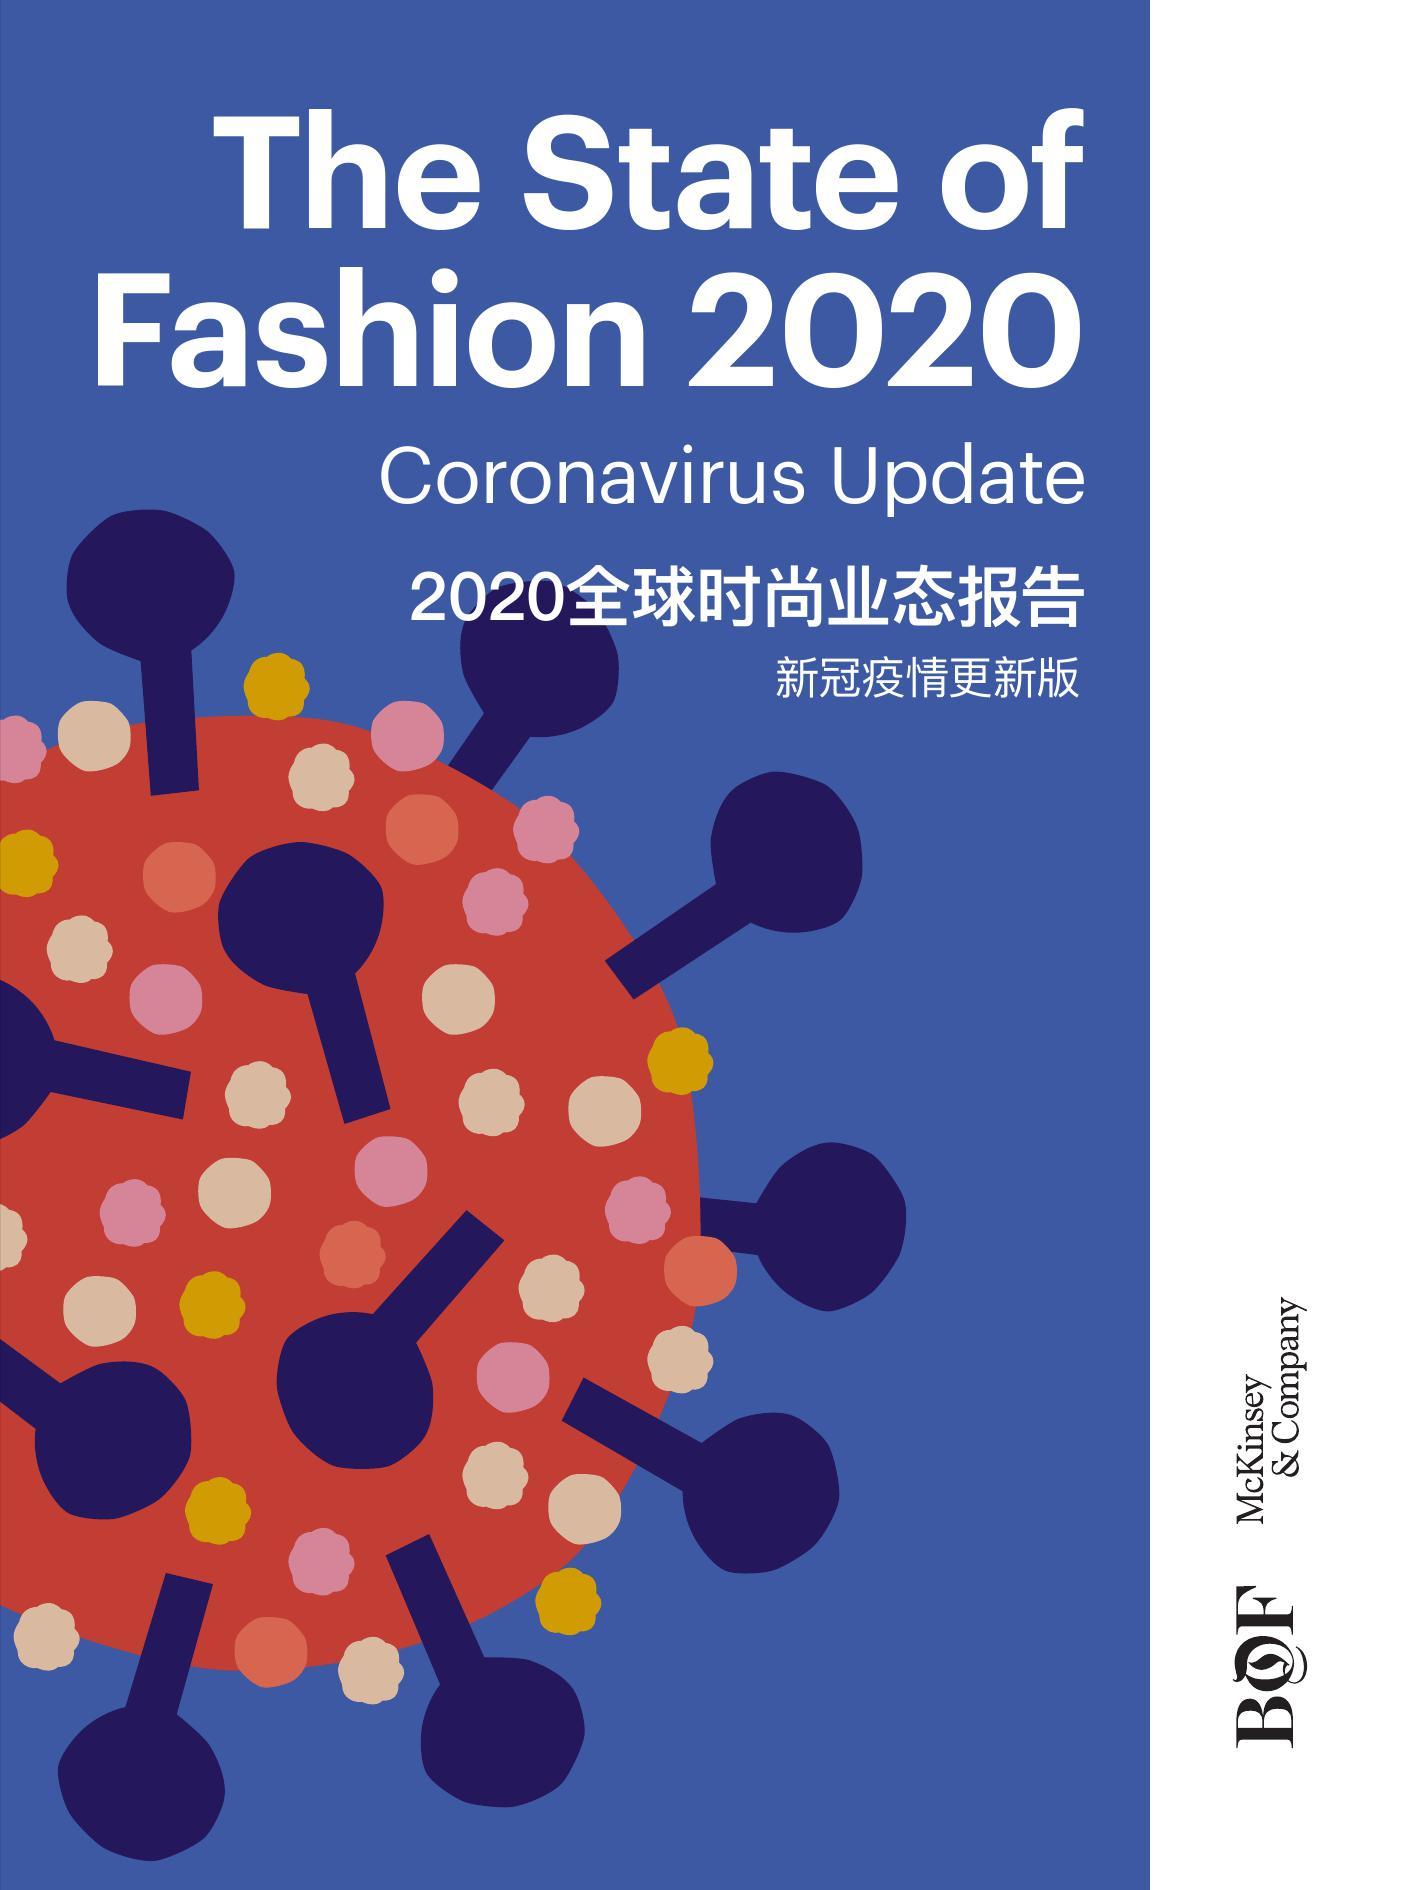 新冠疫情更新版:2020全球时尚业态报告